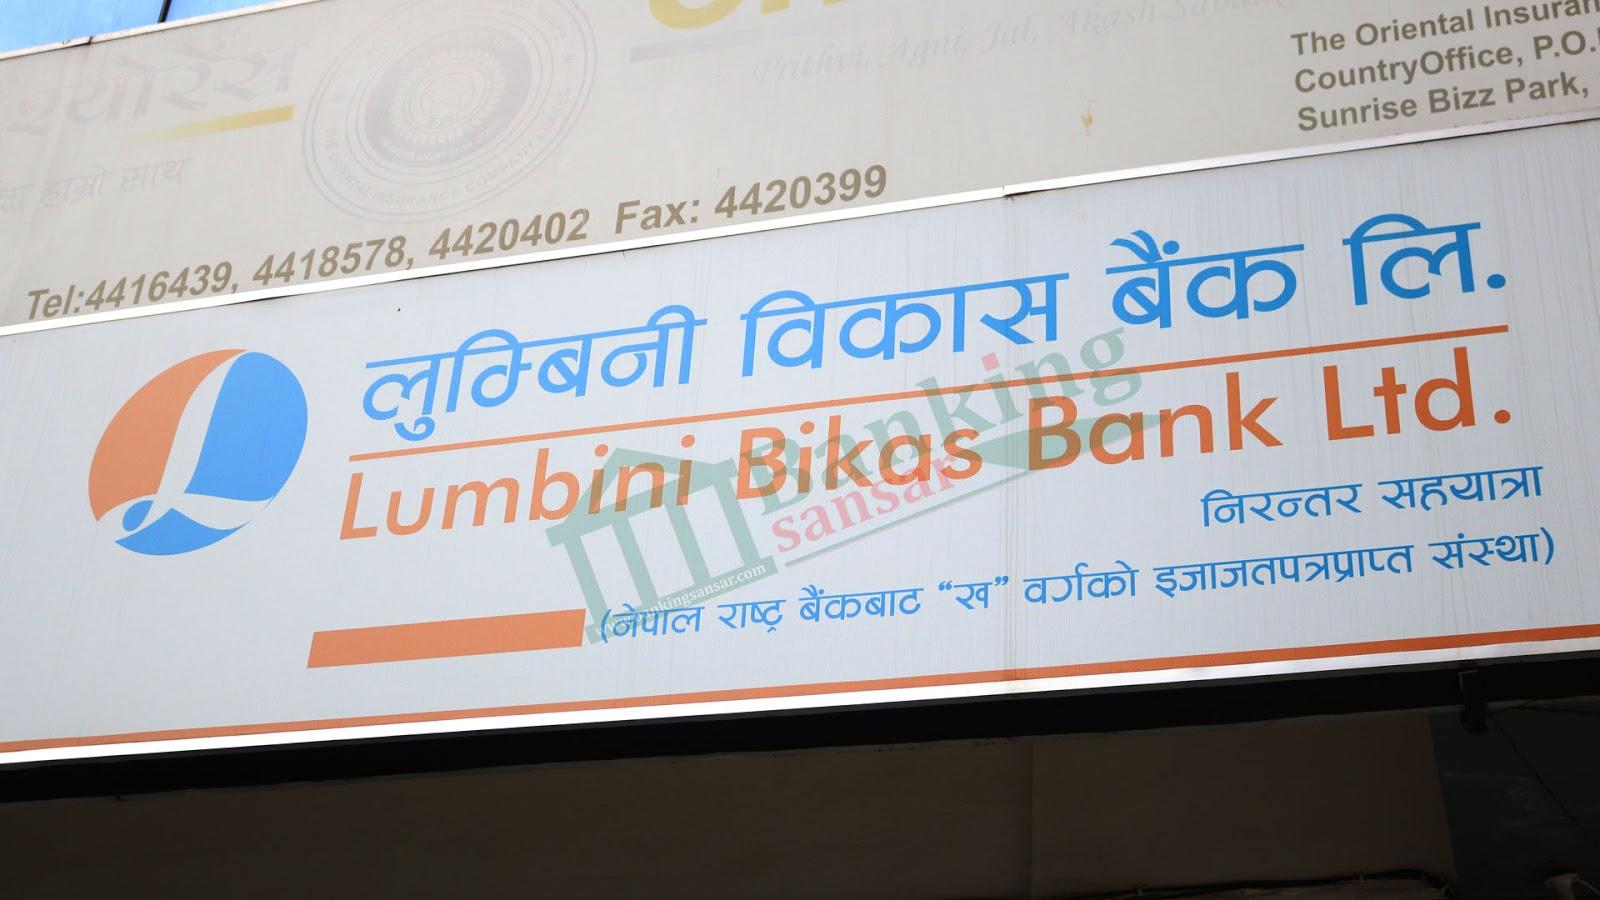 Lumbini Bikas Bank